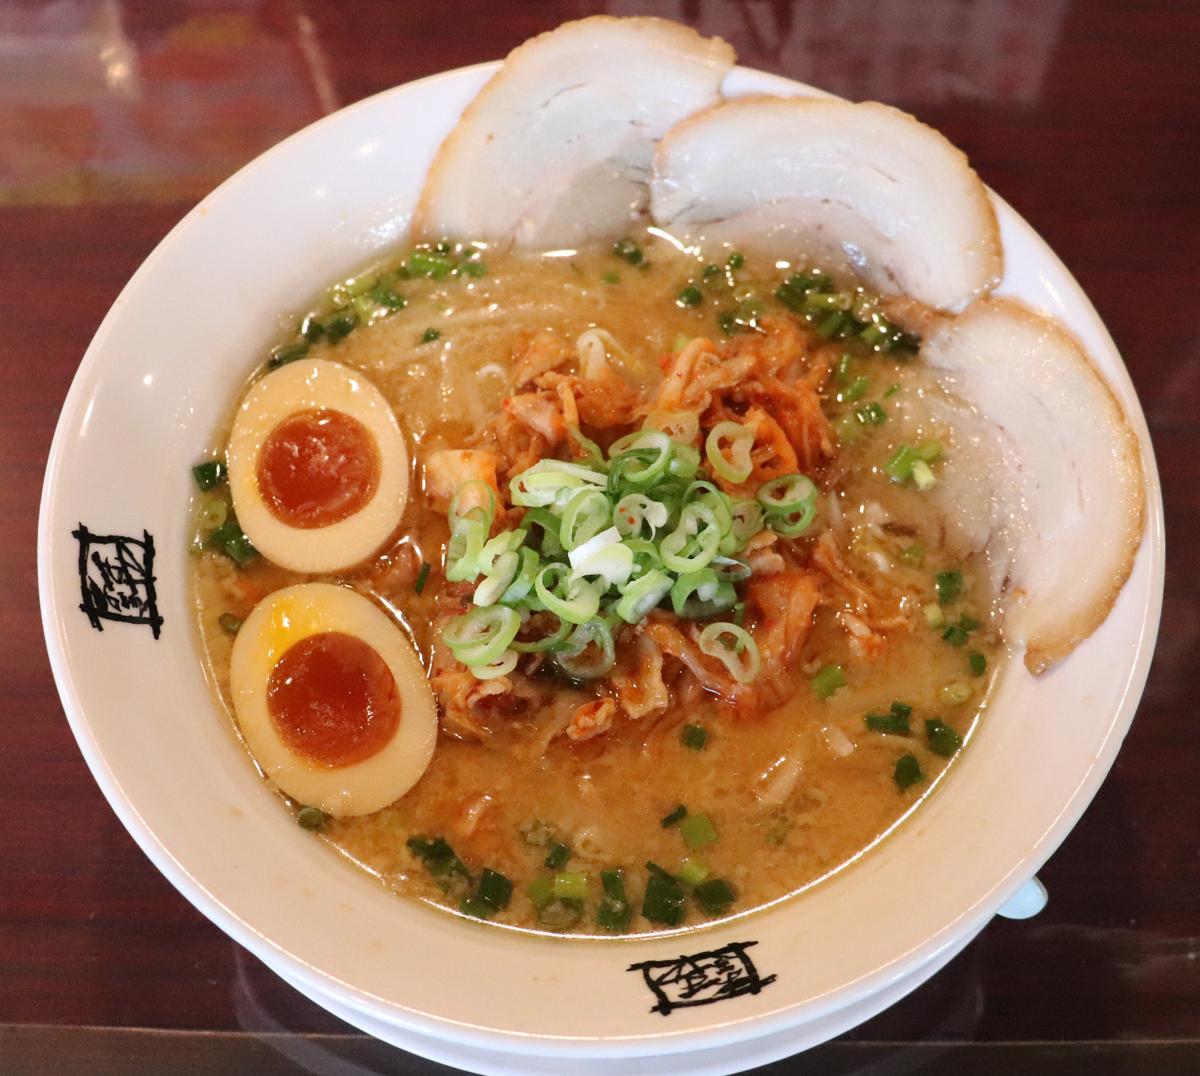 舩津選手と渡辺選手のコラボラーメン「豚キムチラーメン」はみそ豚骨スープをベースにした(C)KUSATSUONSEN FC